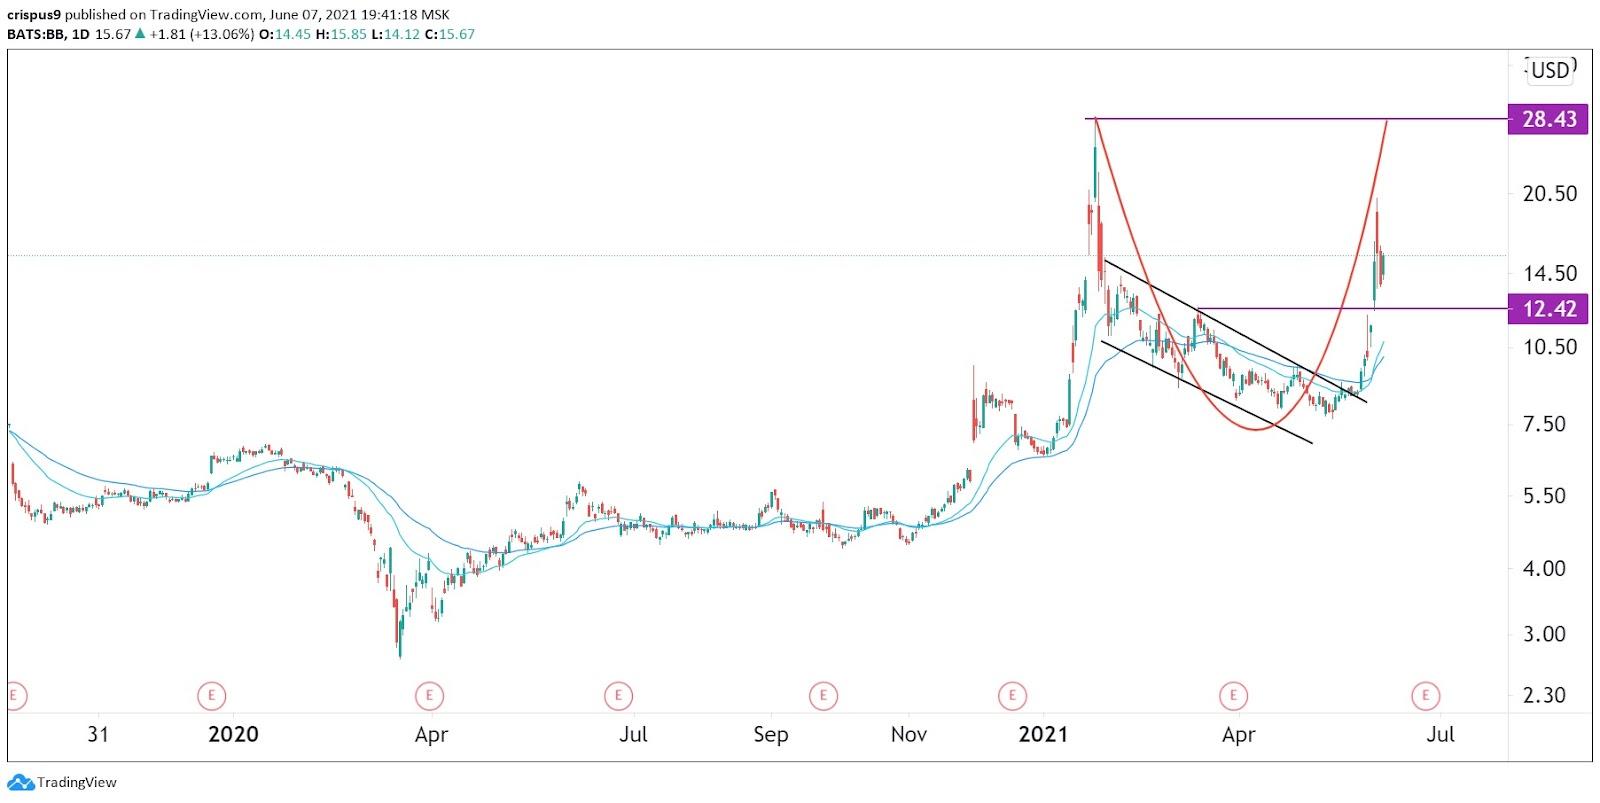 Blackberry stock price